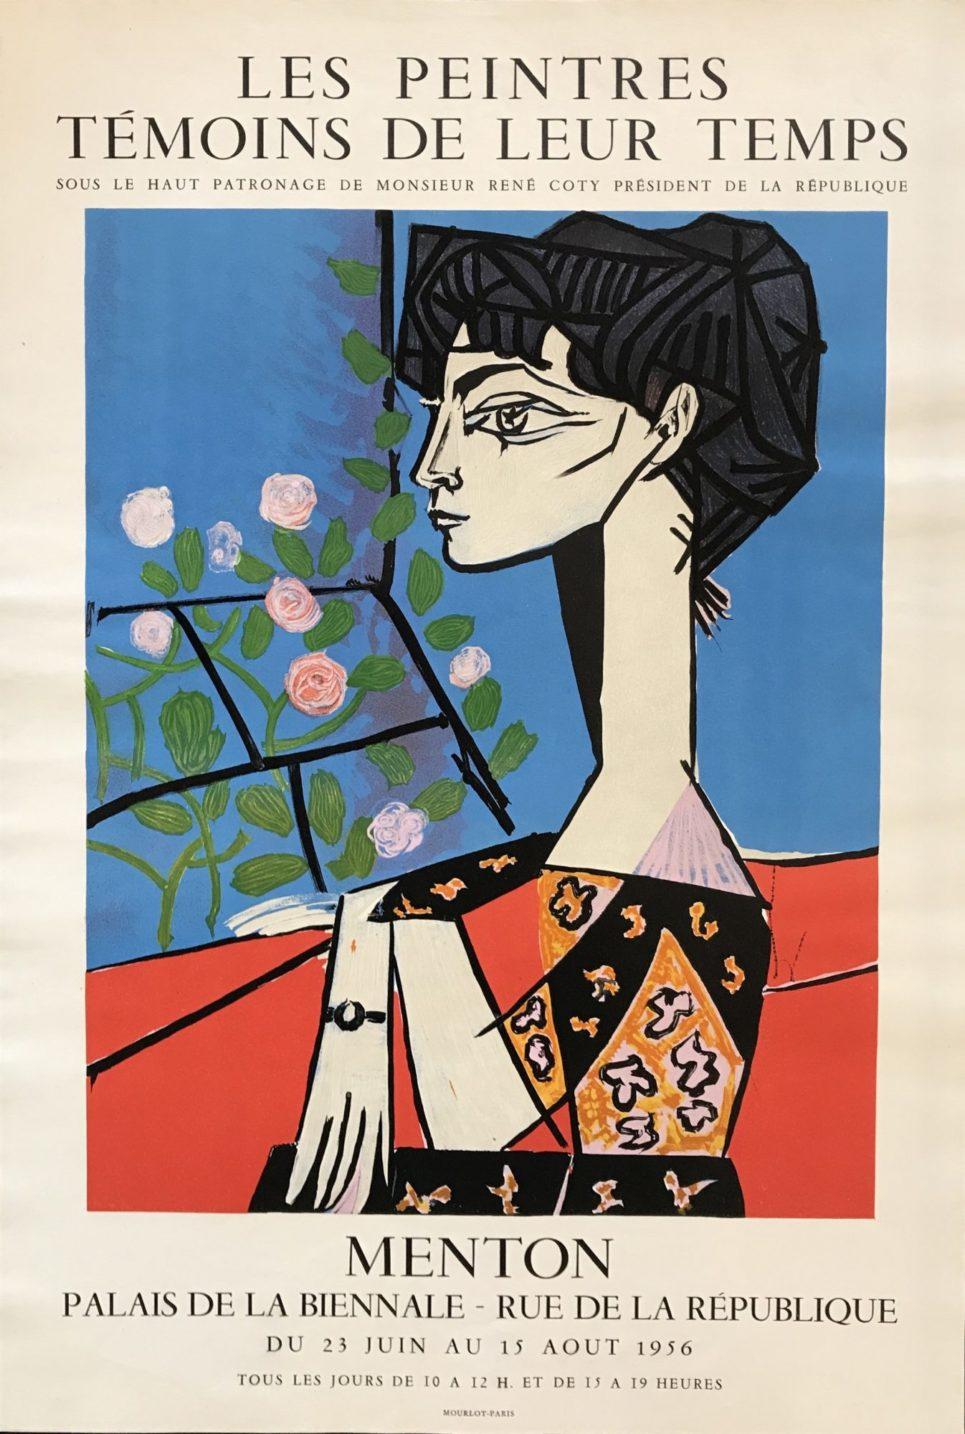 Pablo Picasso - Les Peintres Temoine de leur Temps